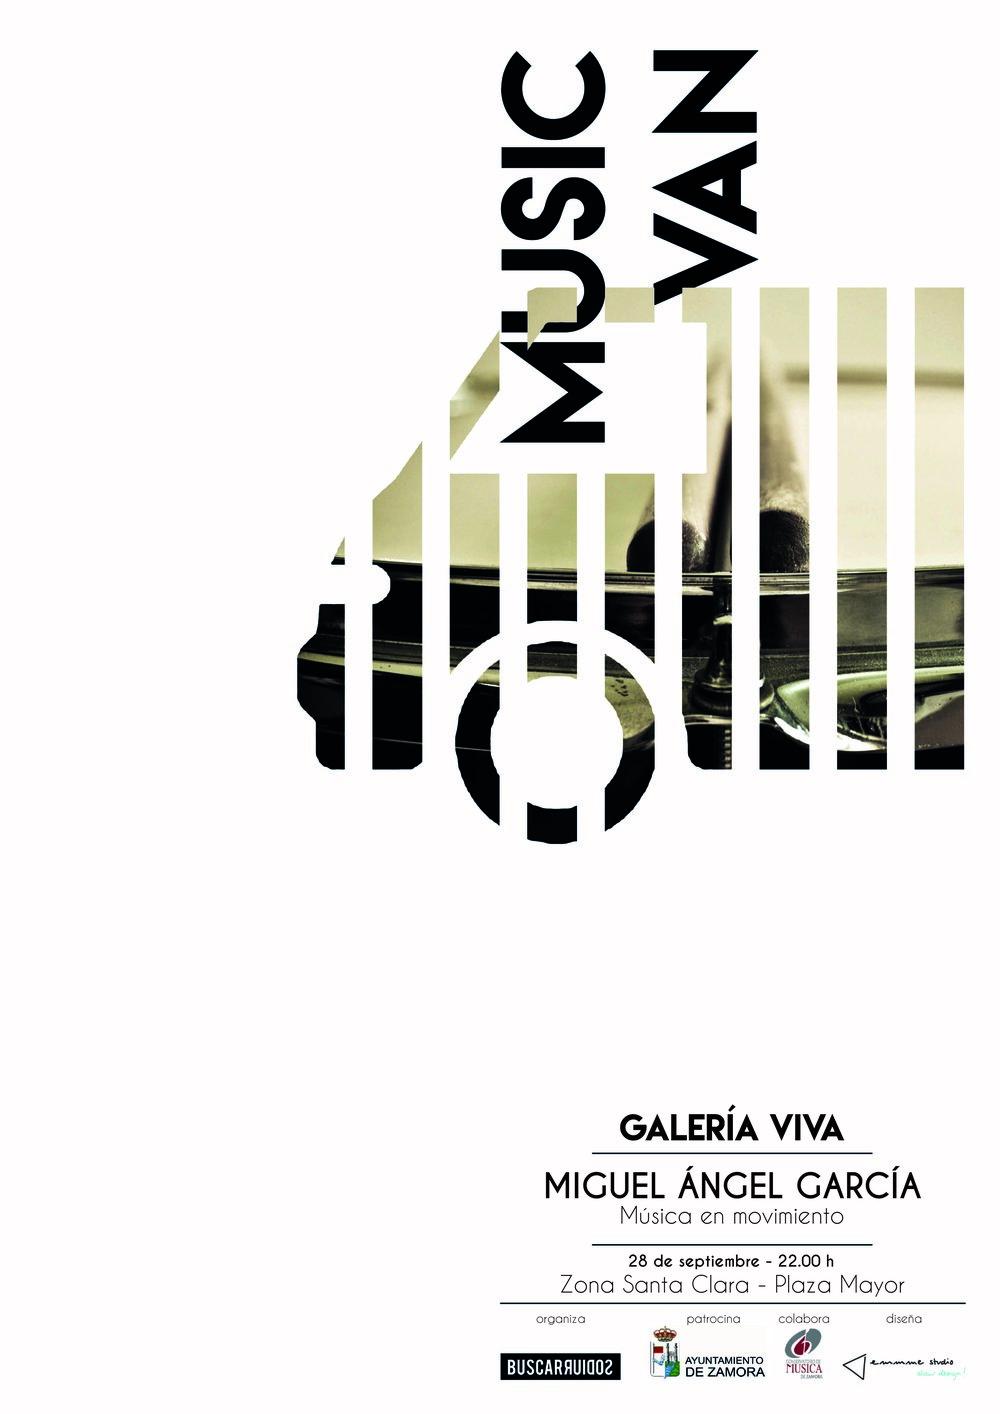 Galería Viva Zamora 2016 - cartel Music Van 02 - Miguel Ángel García.jpg